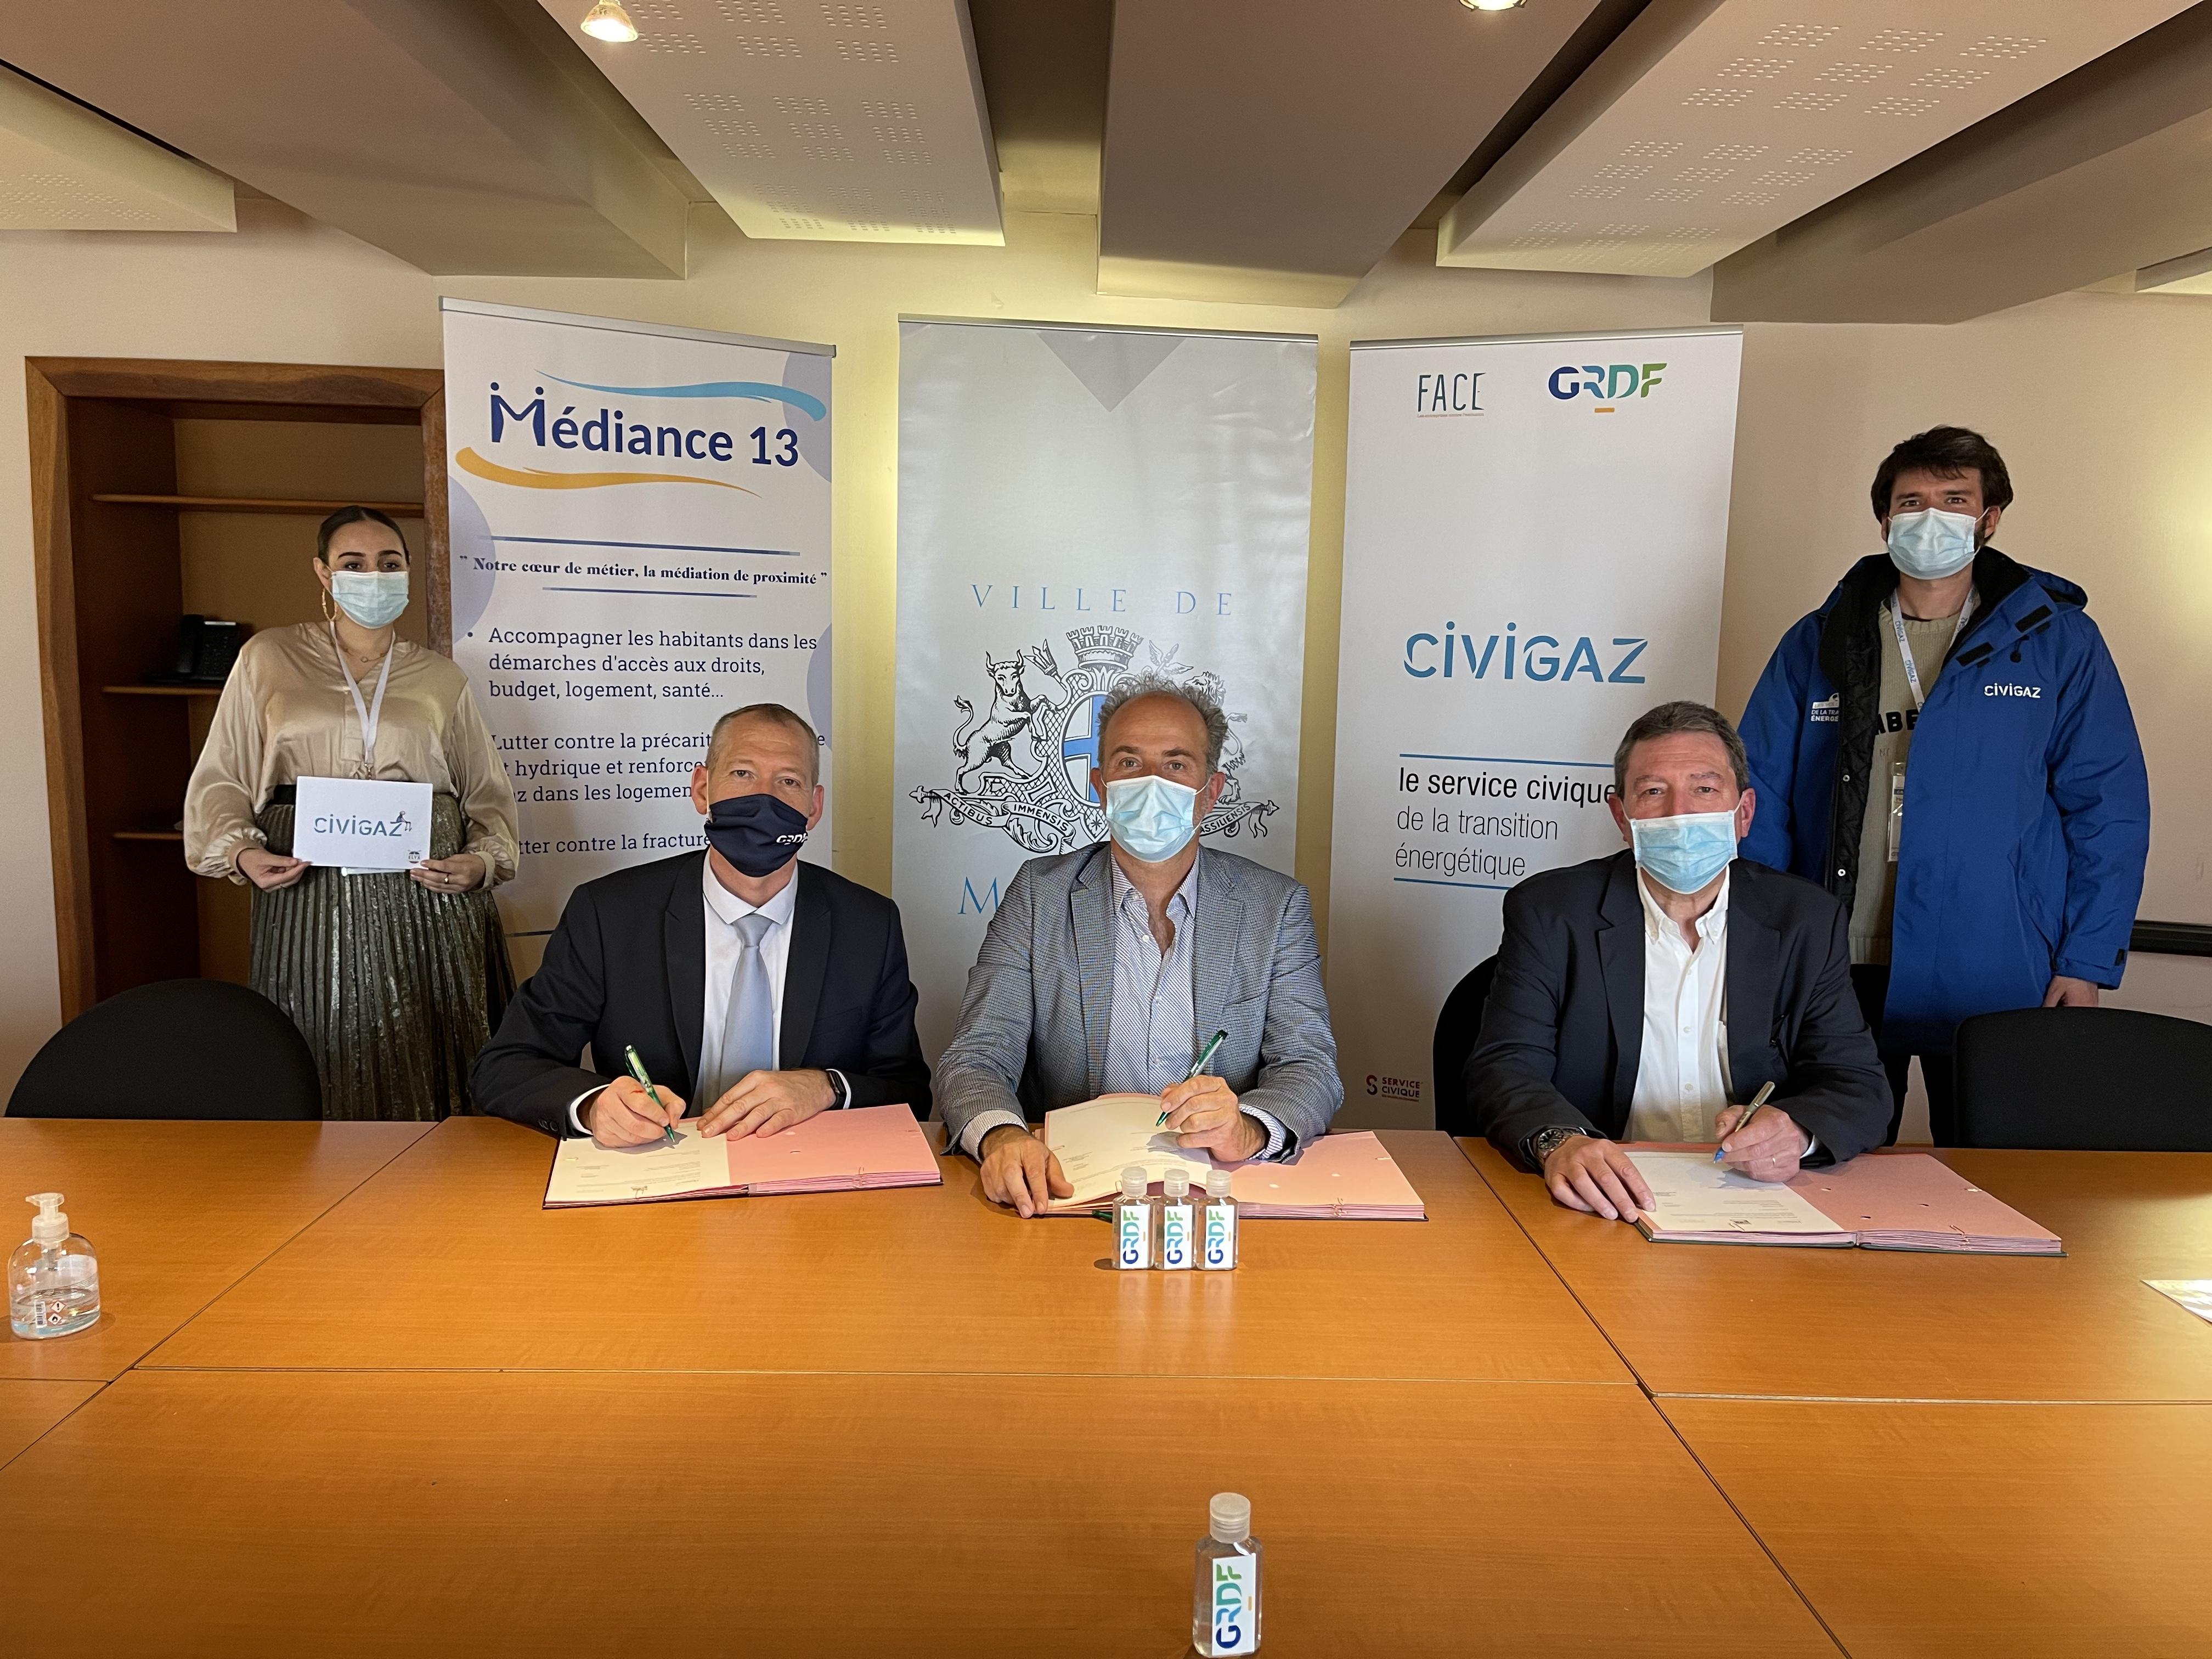 Lutte contre la précarité énergétique : la Ville de Marseille, l'association Médiance 13 et GRDF ont renouvelé ce mardi 9 mars l'opération CIVIGAZ pour les deux prochaines années.